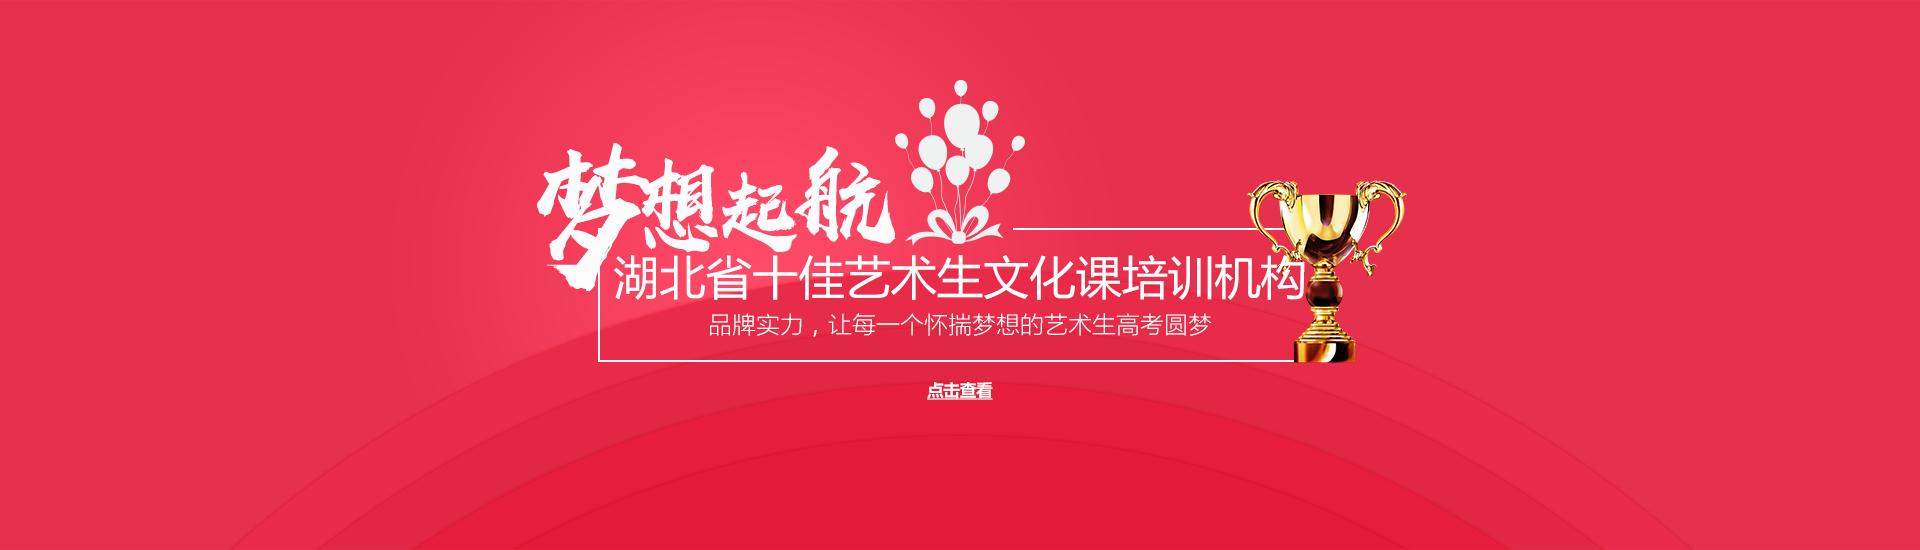 武汉艺考生文化课补习